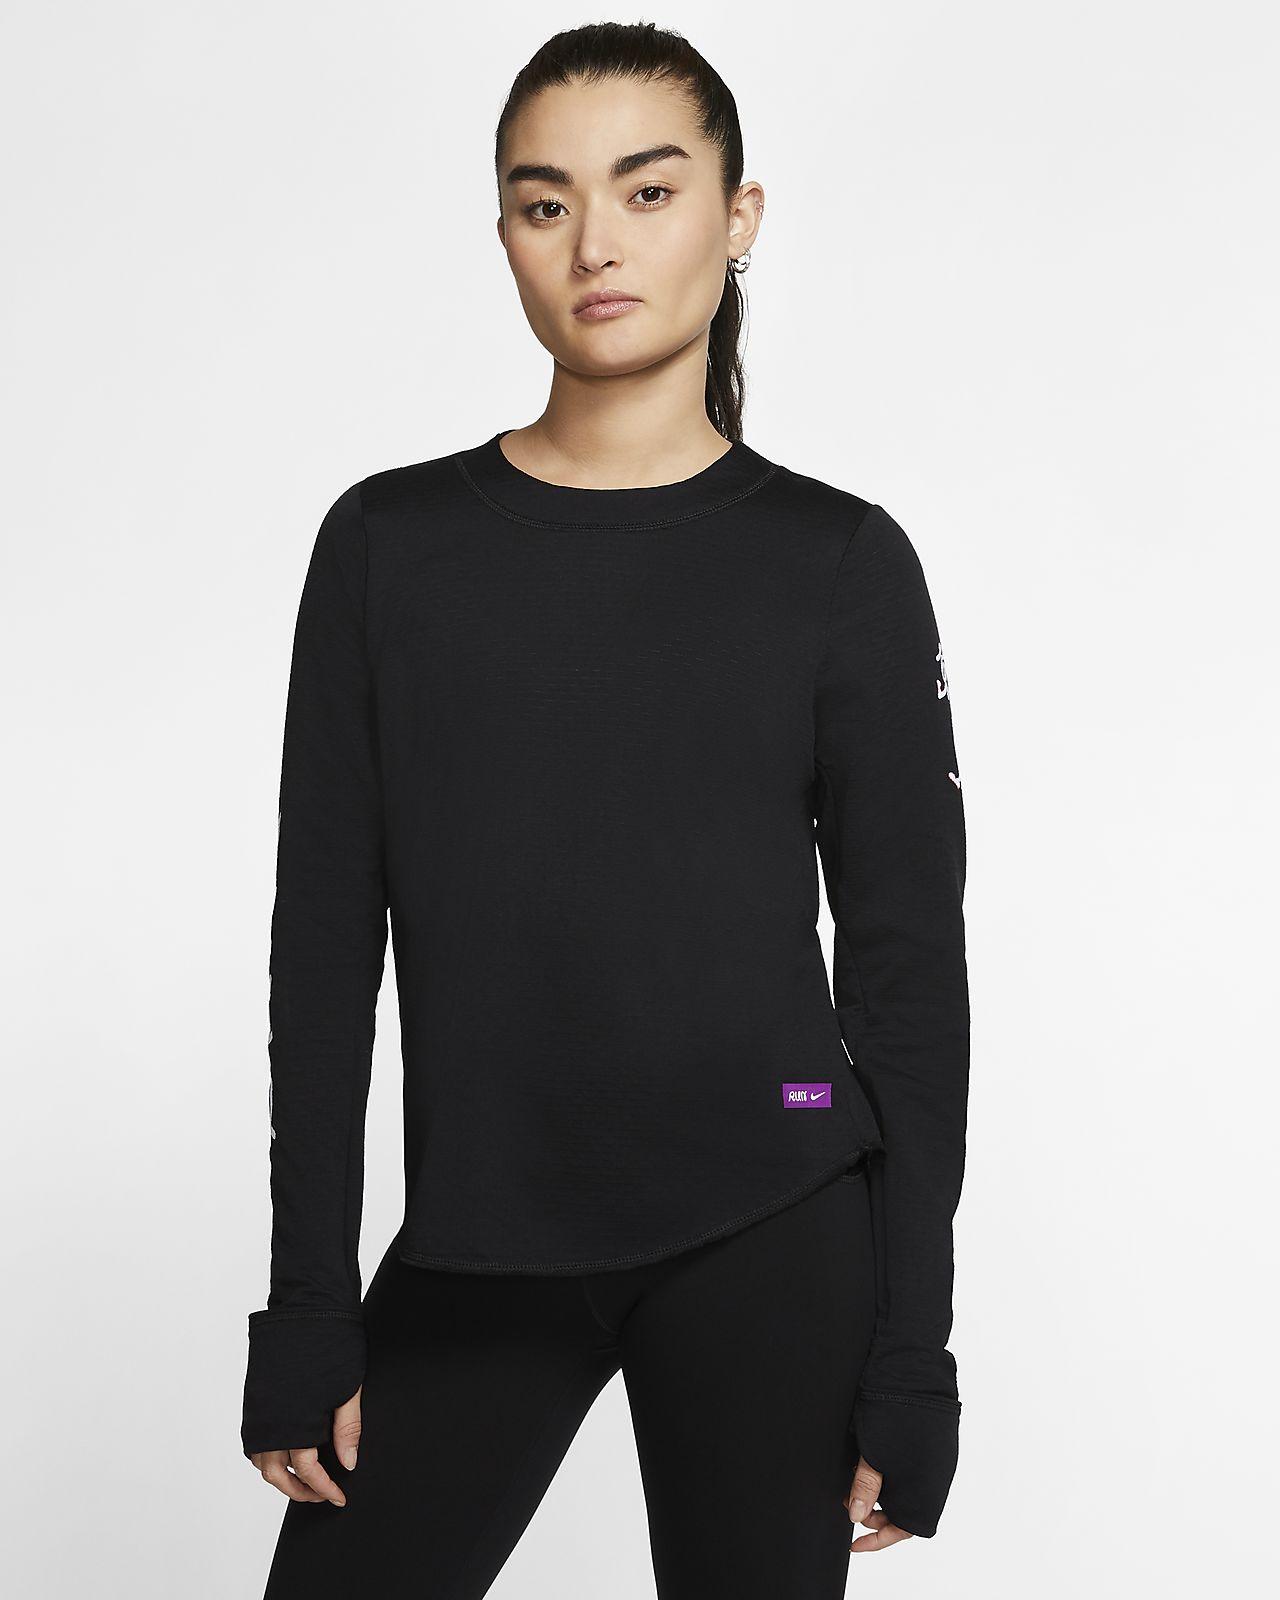 Haut de running à manches longues Nike Sphere Tokyo pour Femme